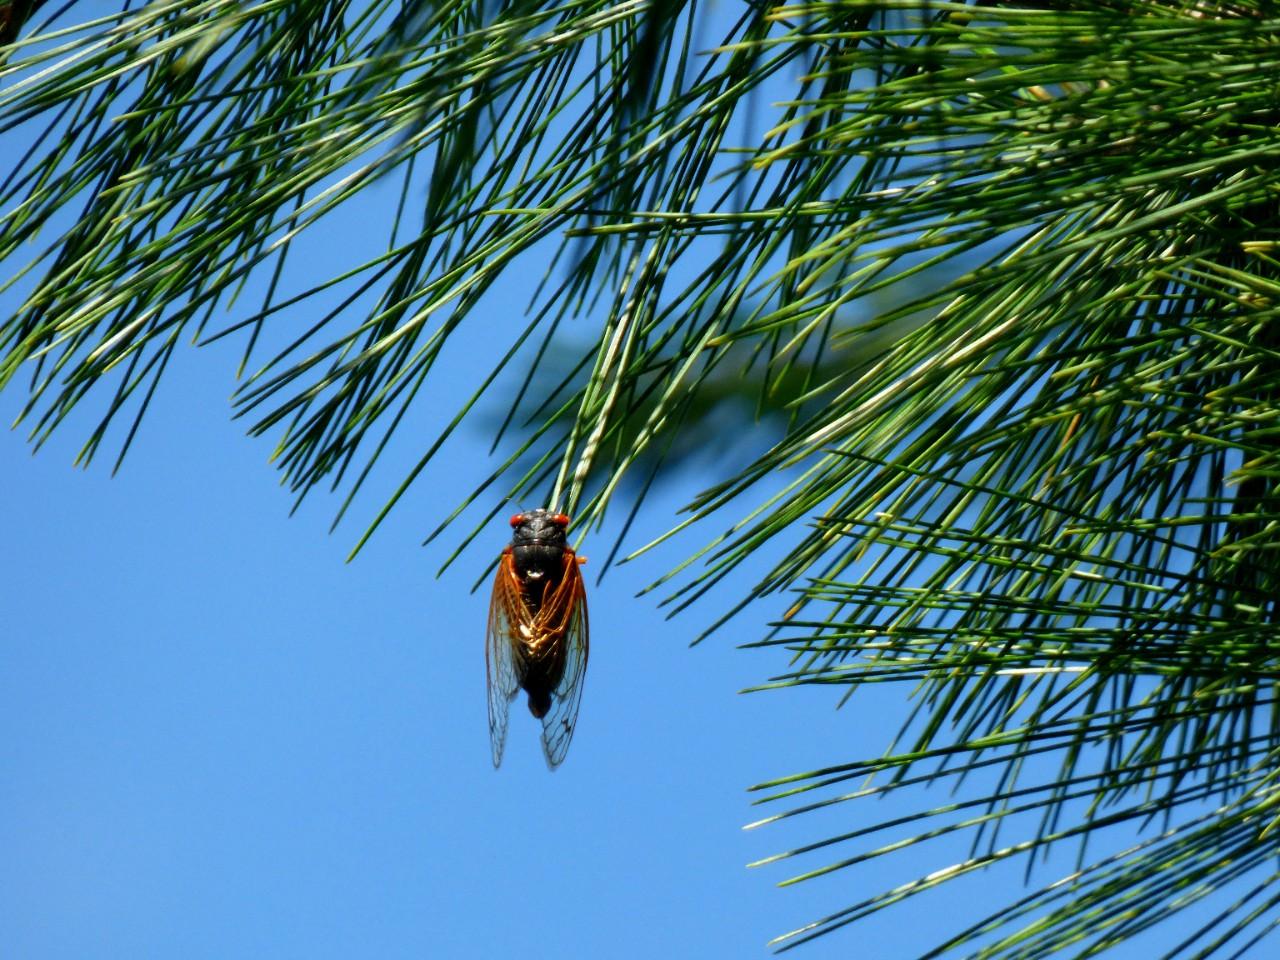 A cicada dangles from a fir bough.